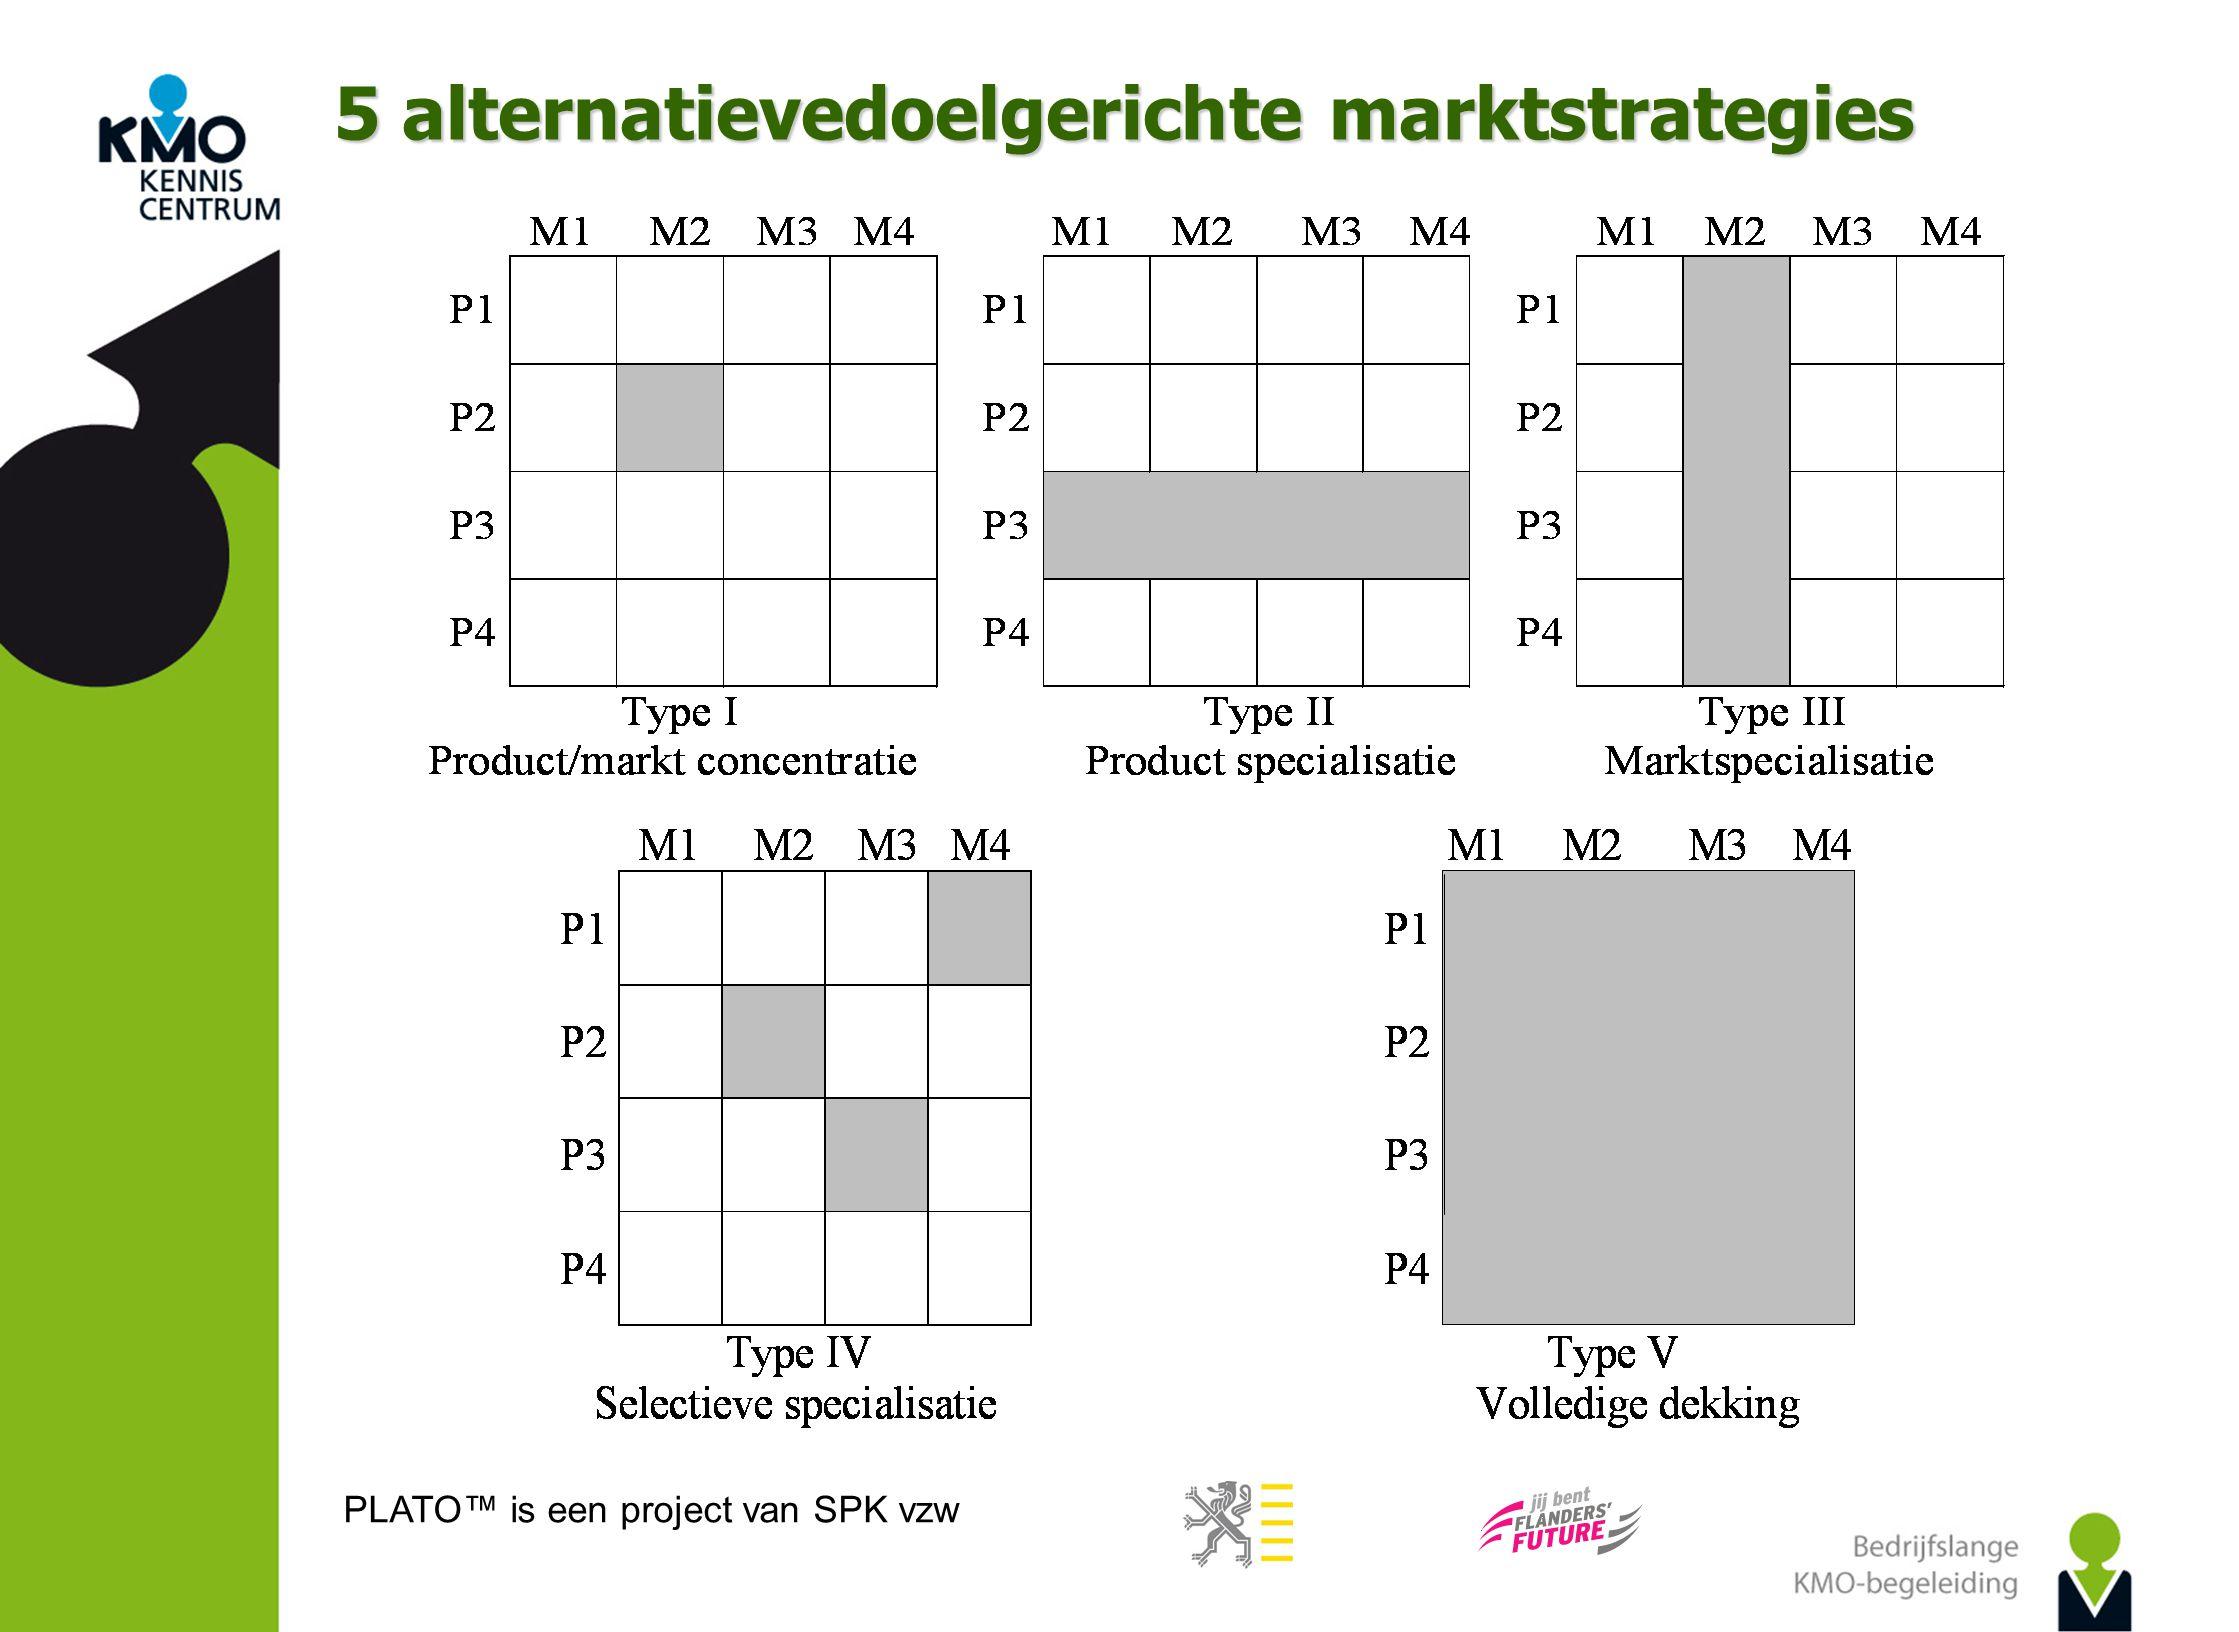 PLATO™ is een project van SPK vzw 5 alternatievedoelgerichte marktstrategies